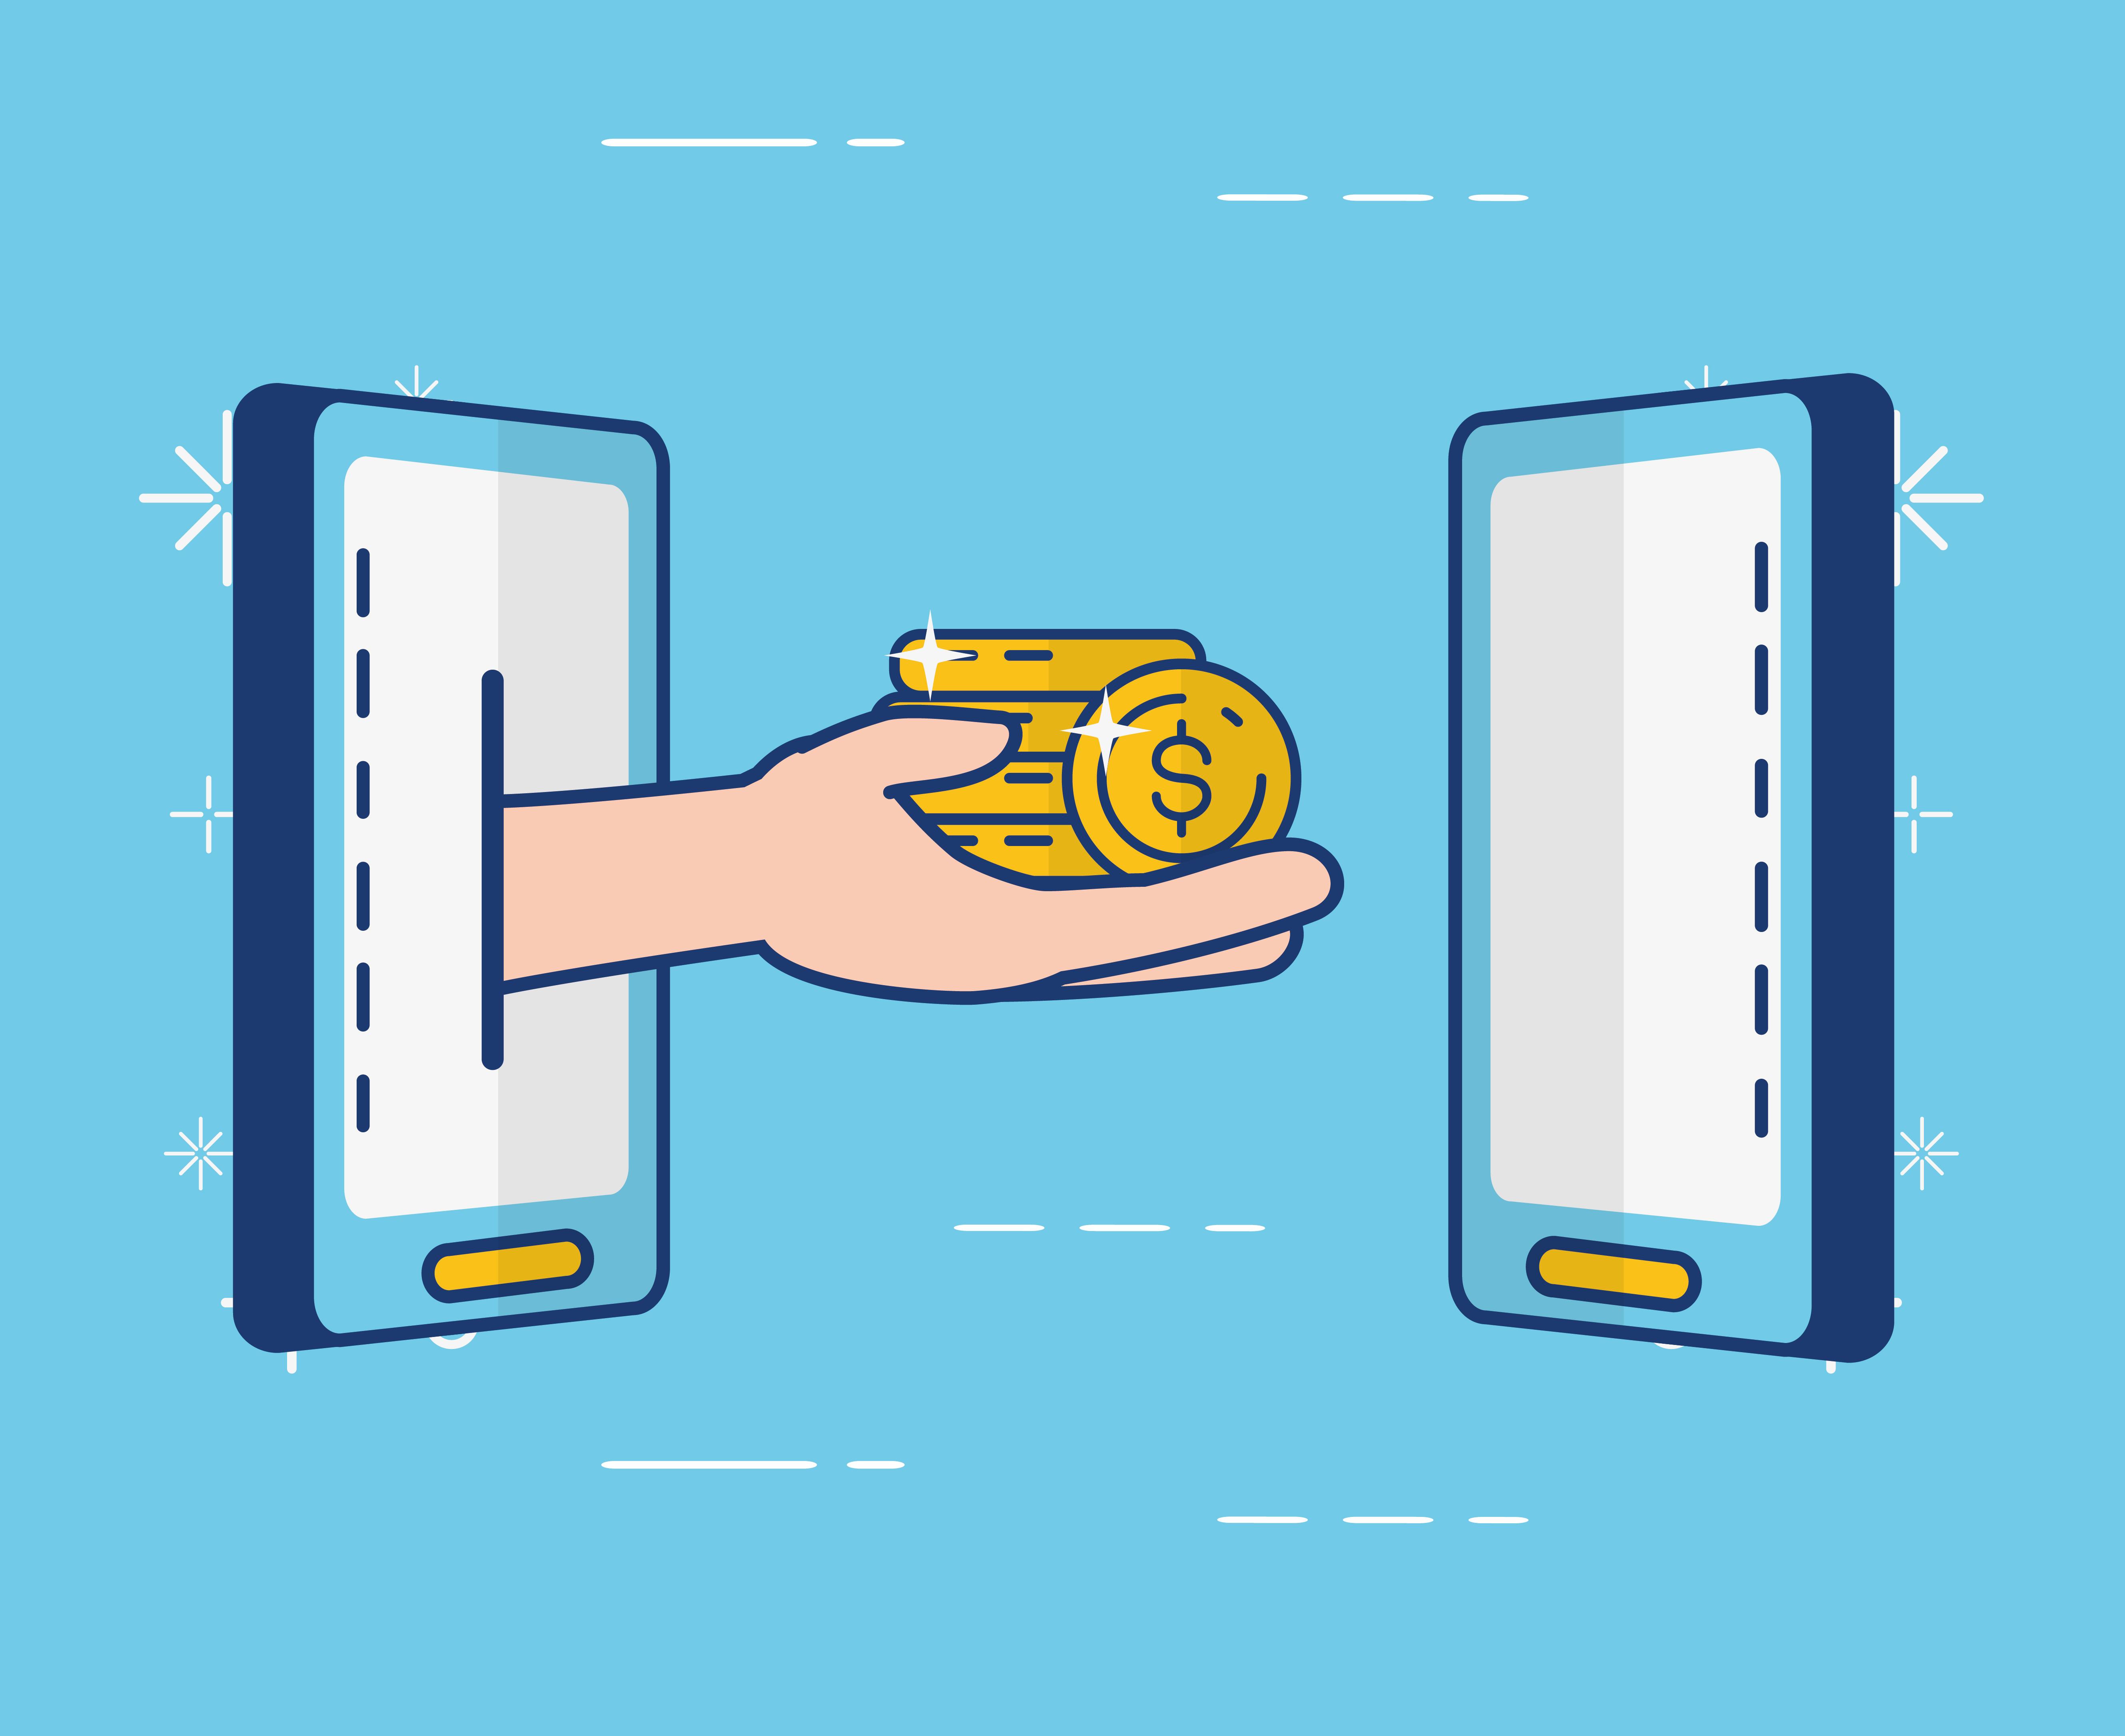 CoopeUna Móvil: Una alternativa de conveniencia para sus finanzas